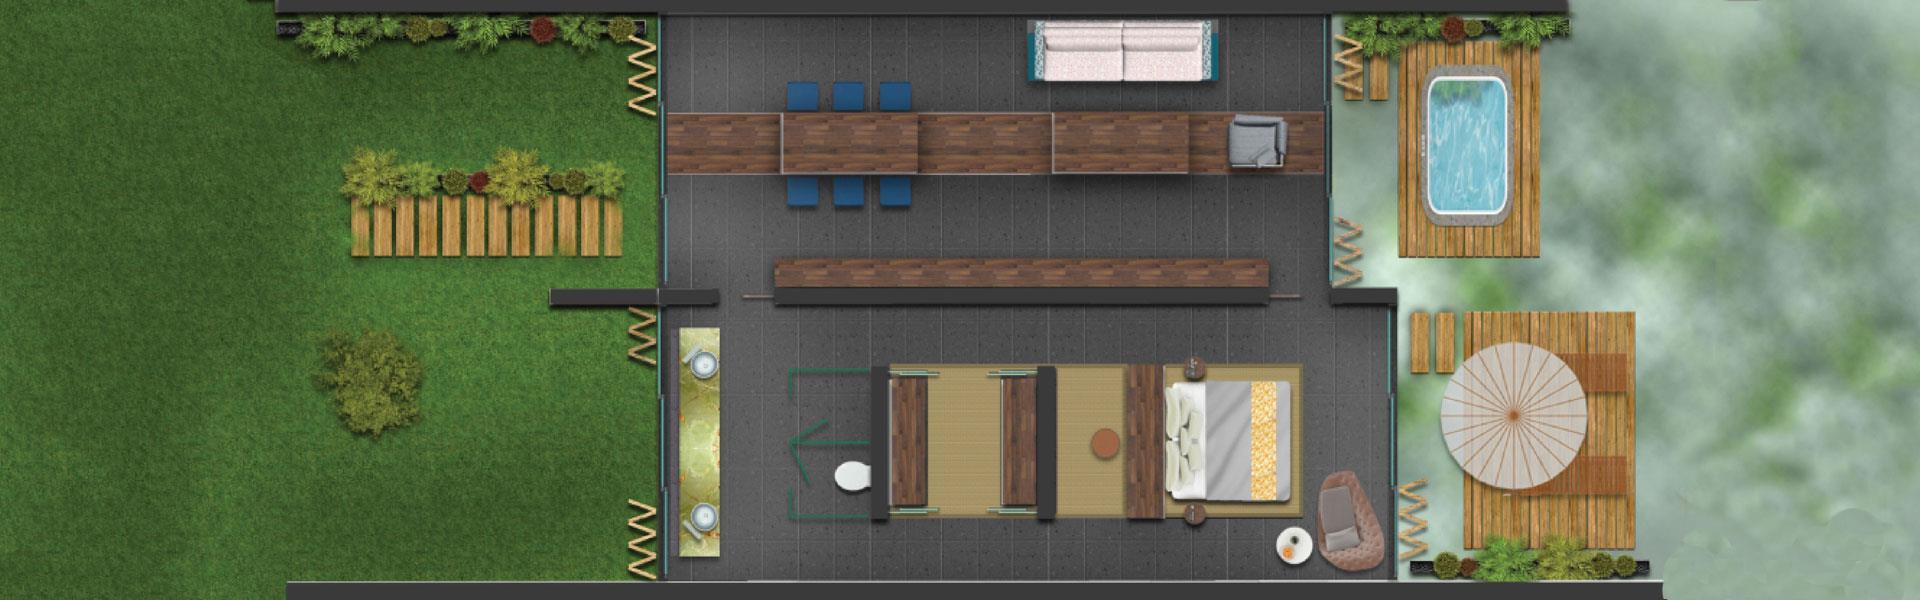 Maxx Laguna Süit 1 Yatak Odalı Oda Planı